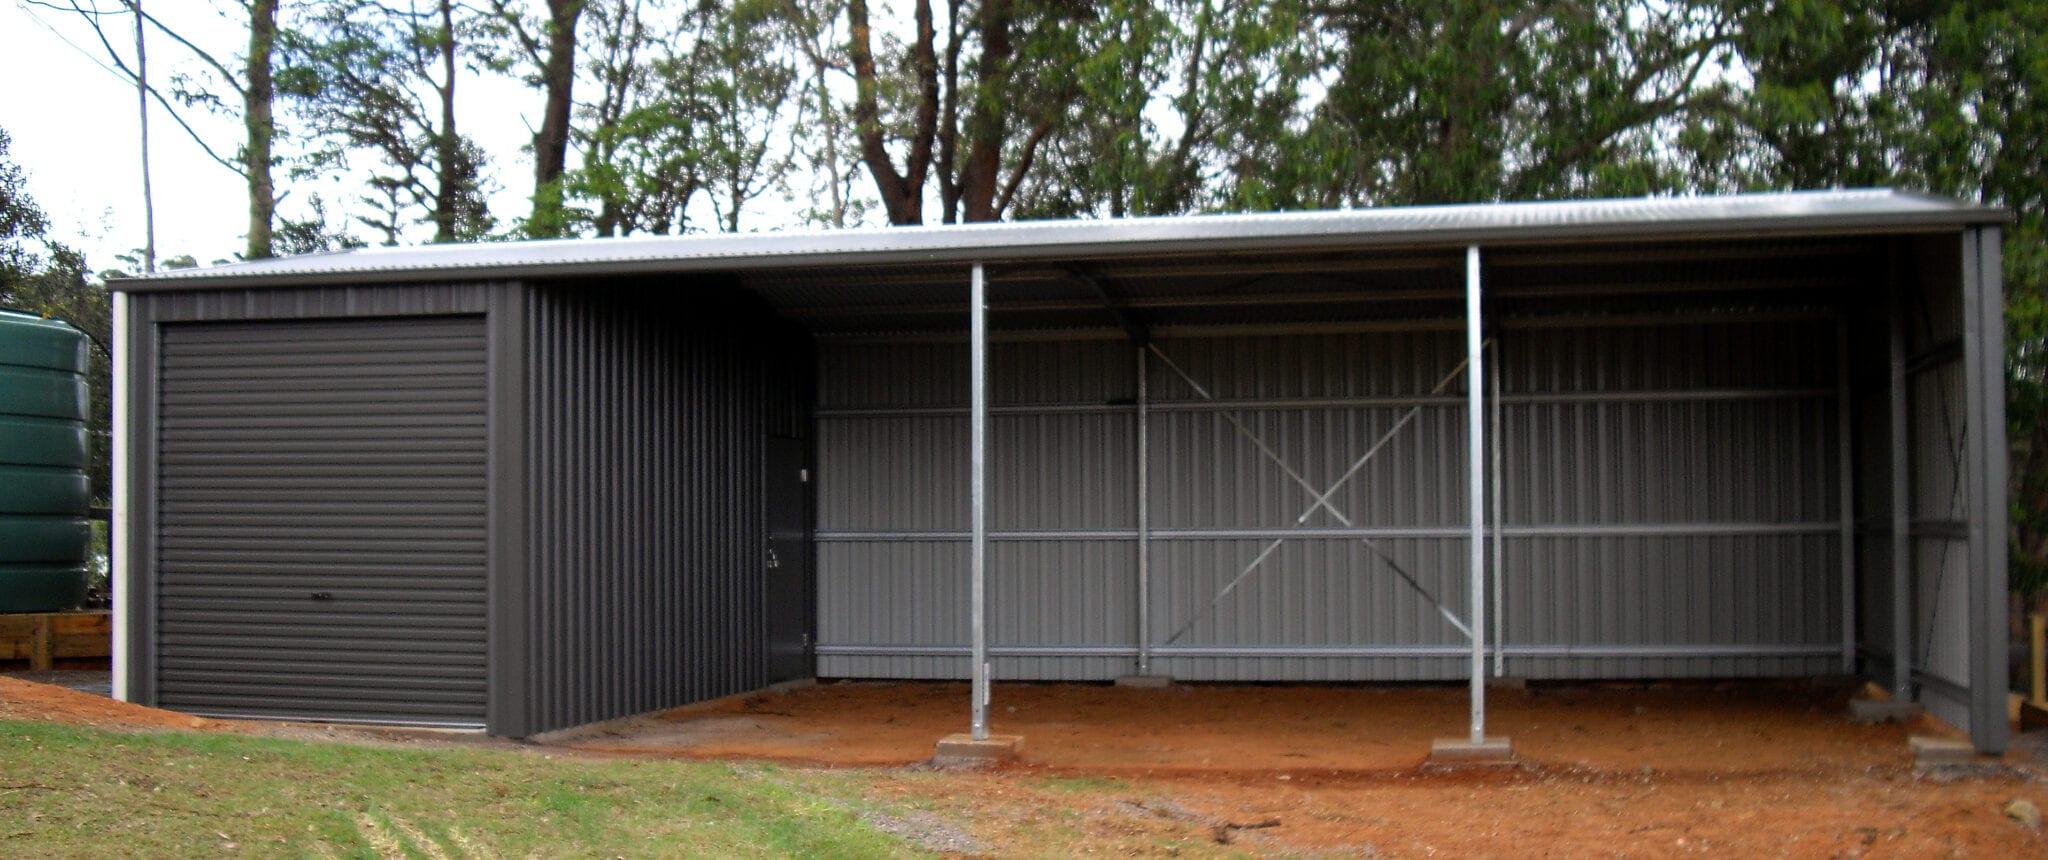 Gable grey farm garage open rd